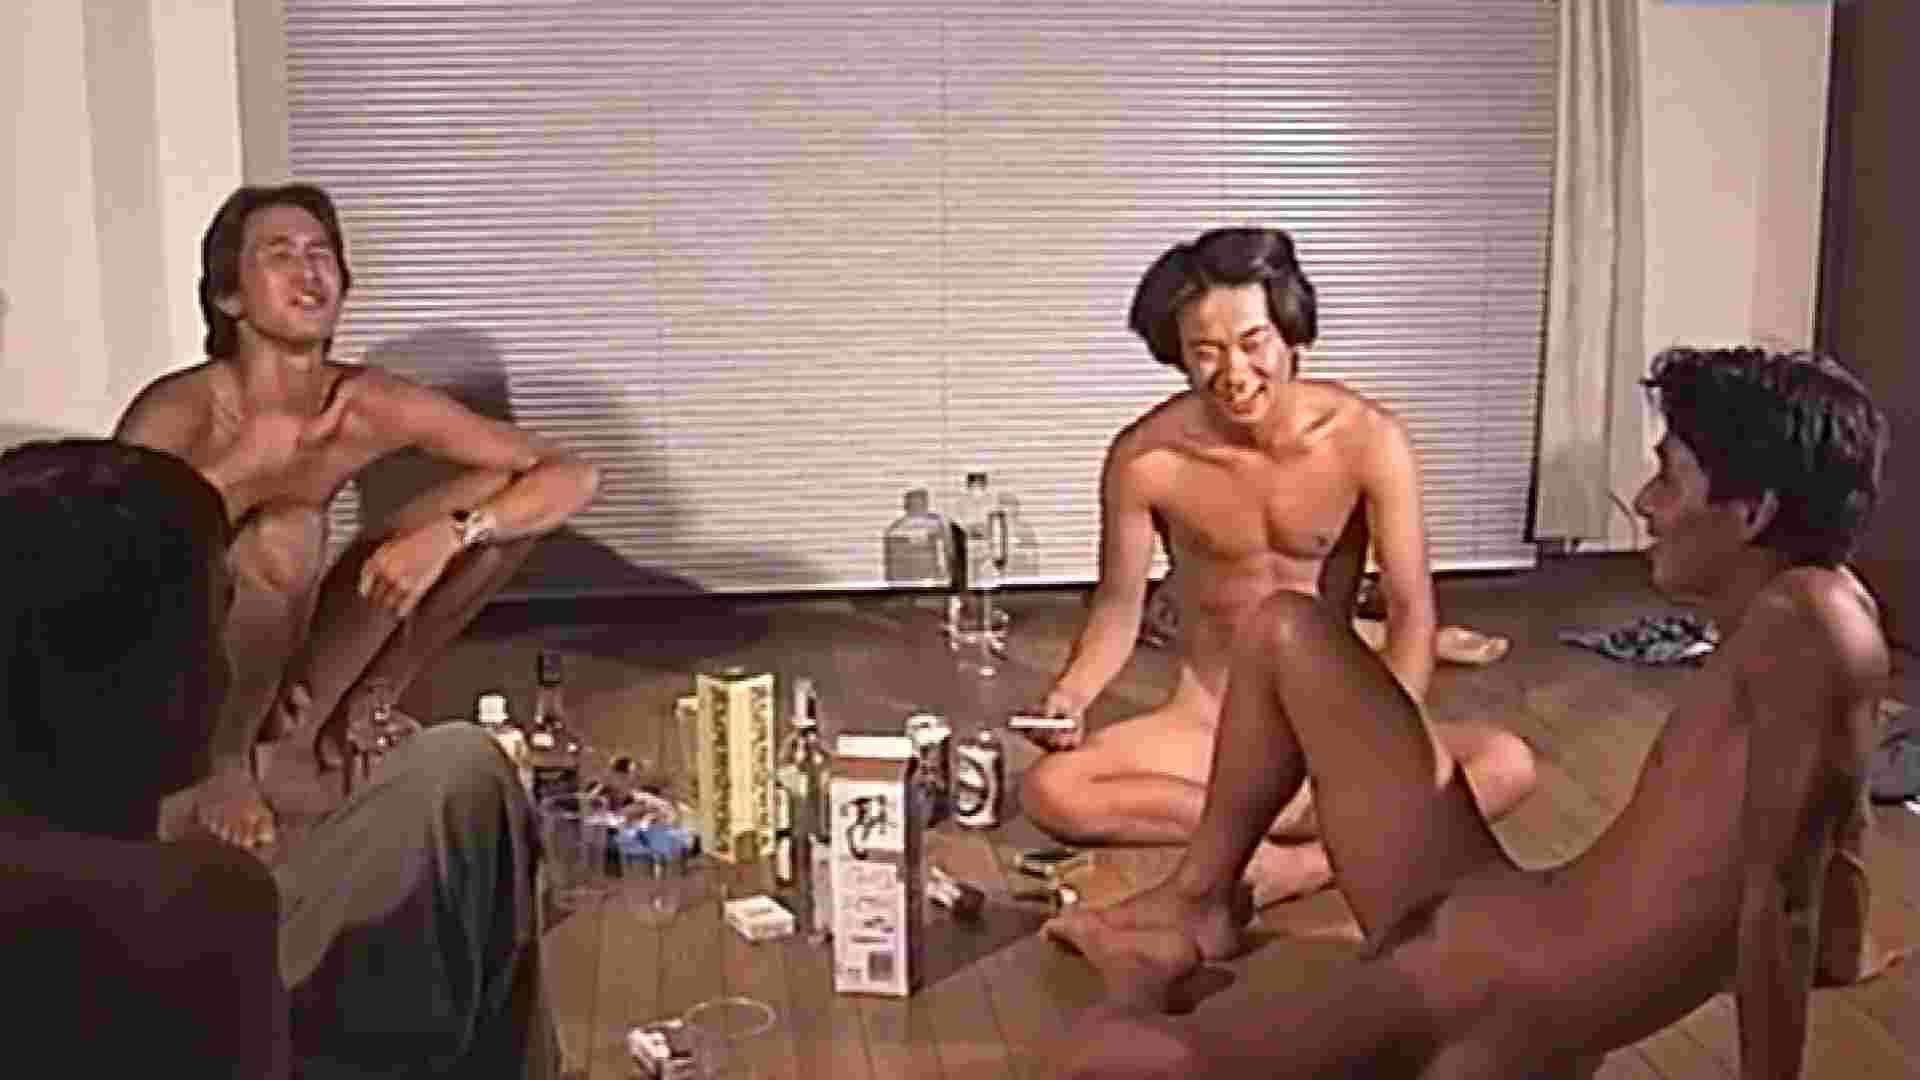 イケイケMEN'SCLUB vol.23 エロすぎる映像 | 男の世界  64画像 53